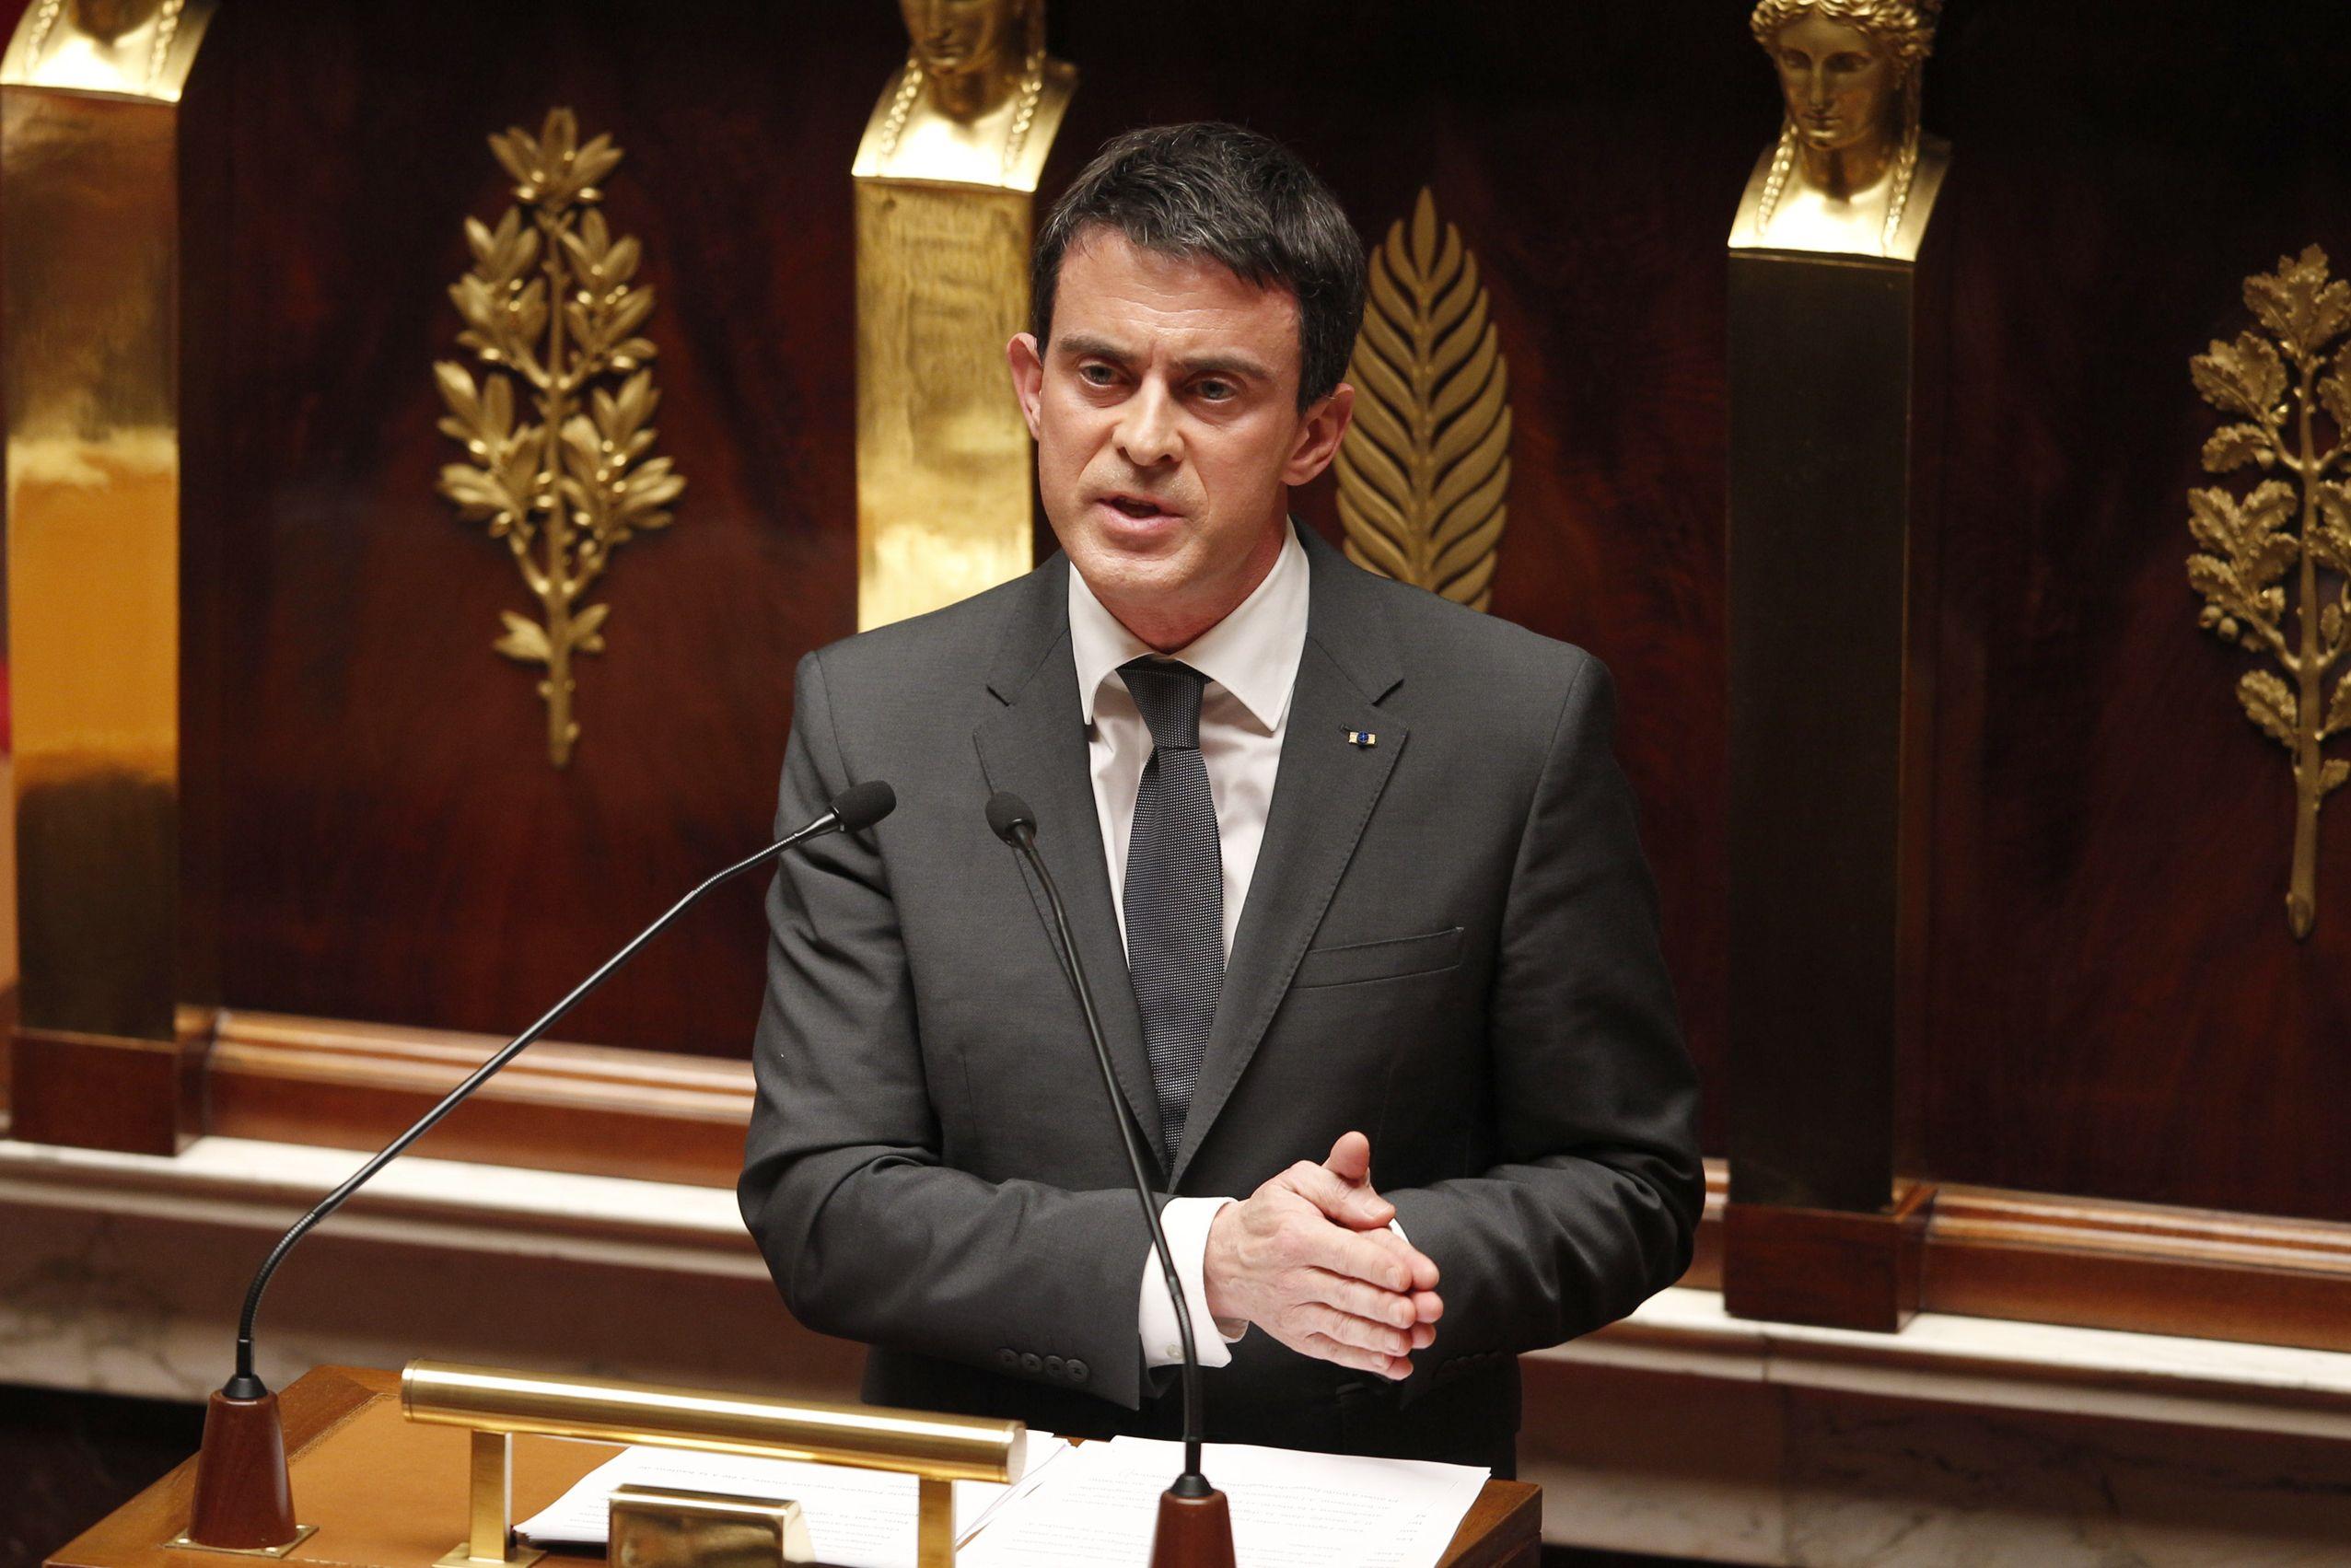 Quand Manuel Valls s'attaque à la modernisation du dialogue social en oubliant de mentionner les attentes de Bruxelles (et un peu aussi la réalité des entreprises)